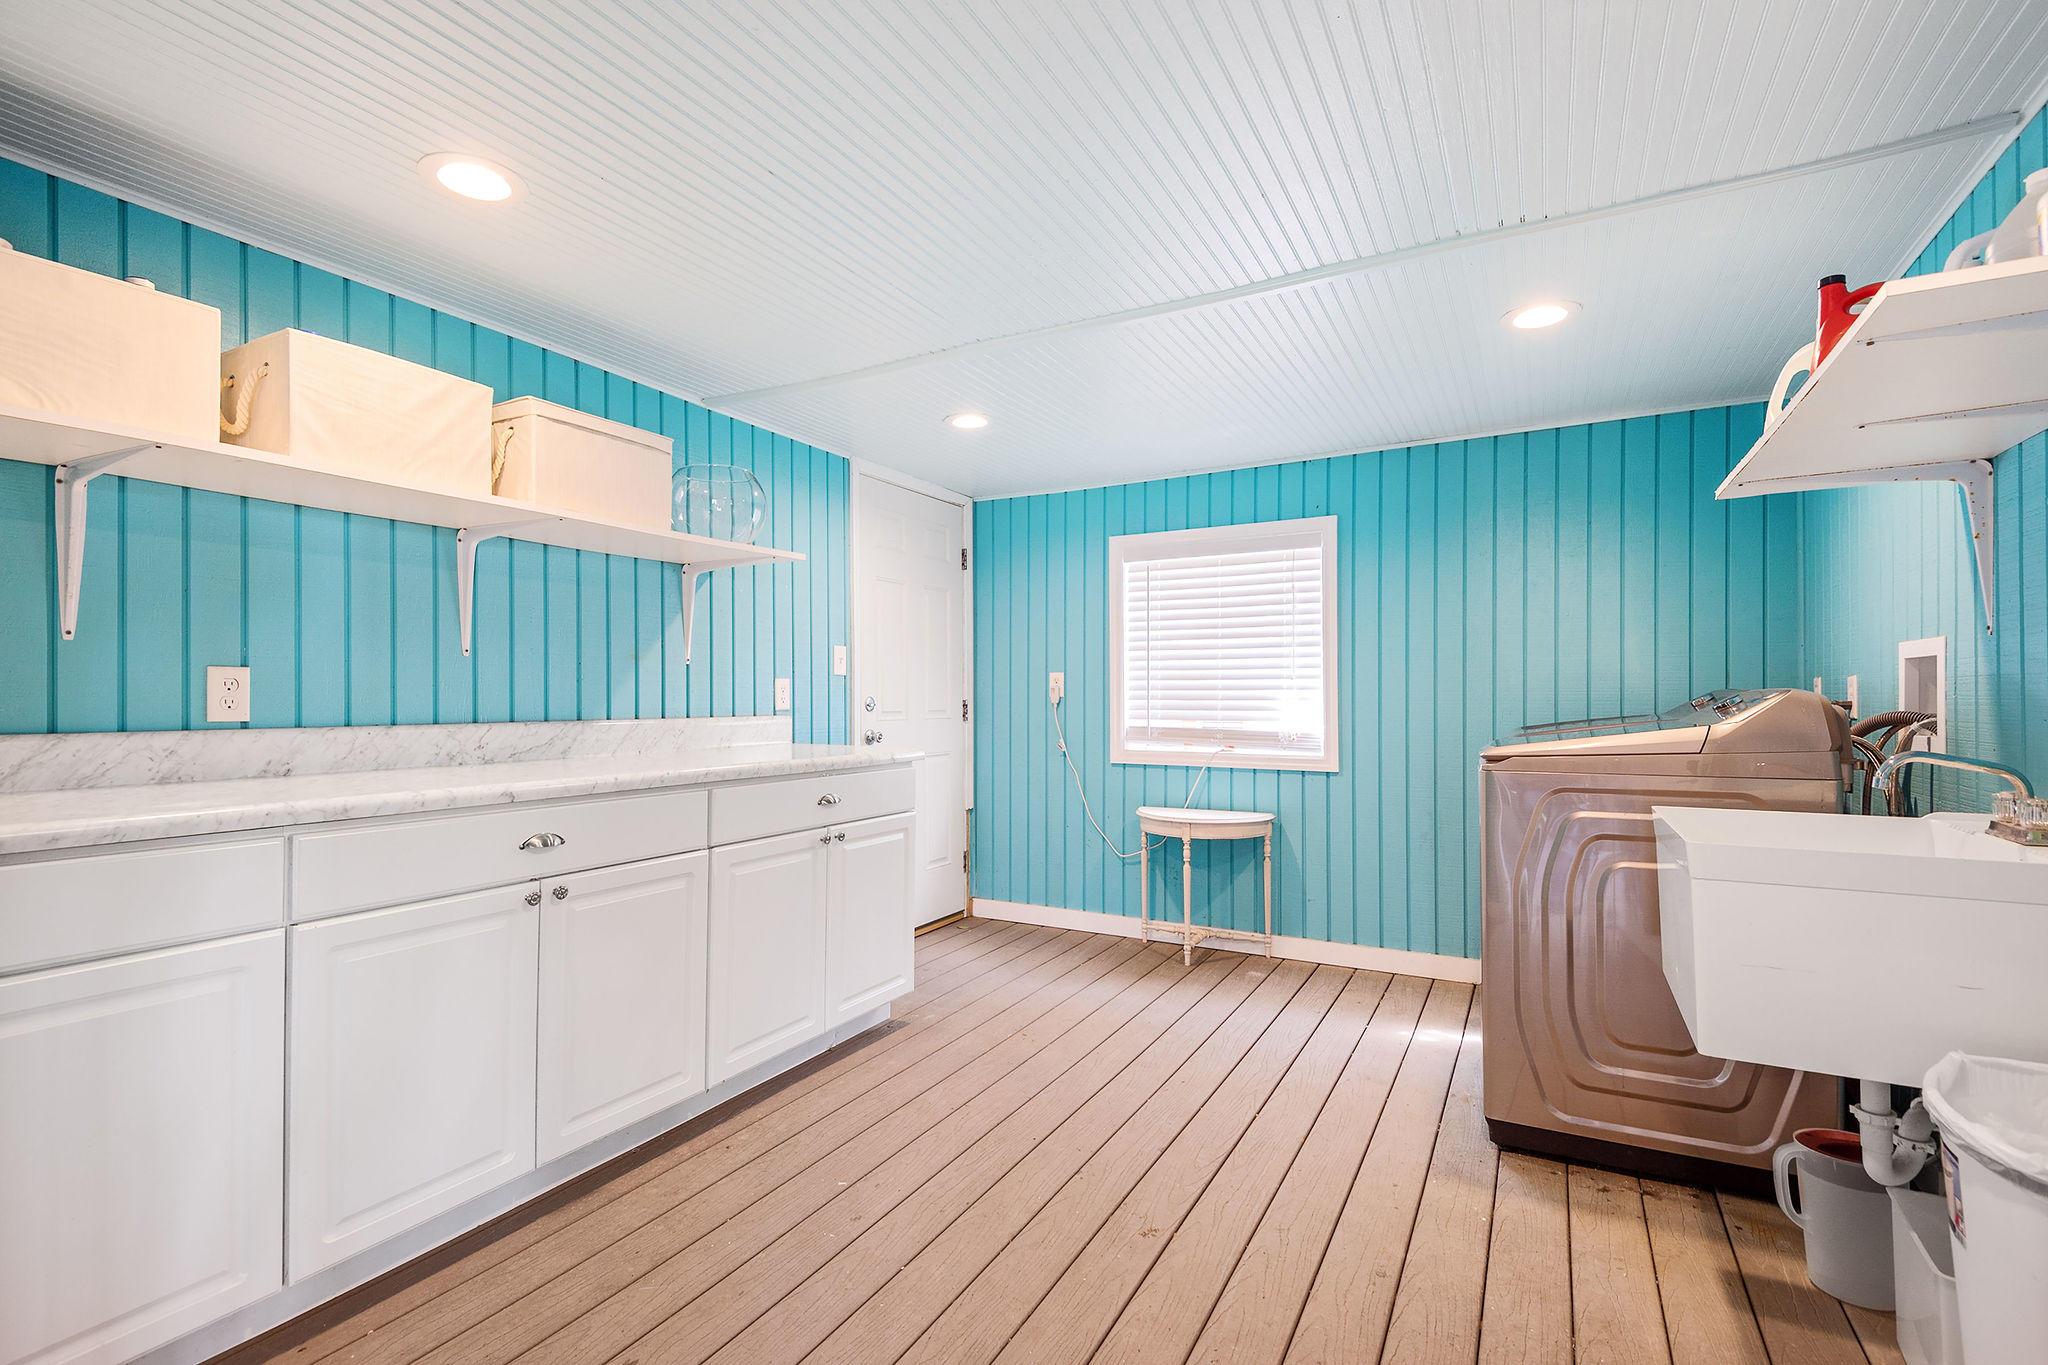 Folly Beach Homes For Sale - 509 Ashley, Folly Beach, SC - 76